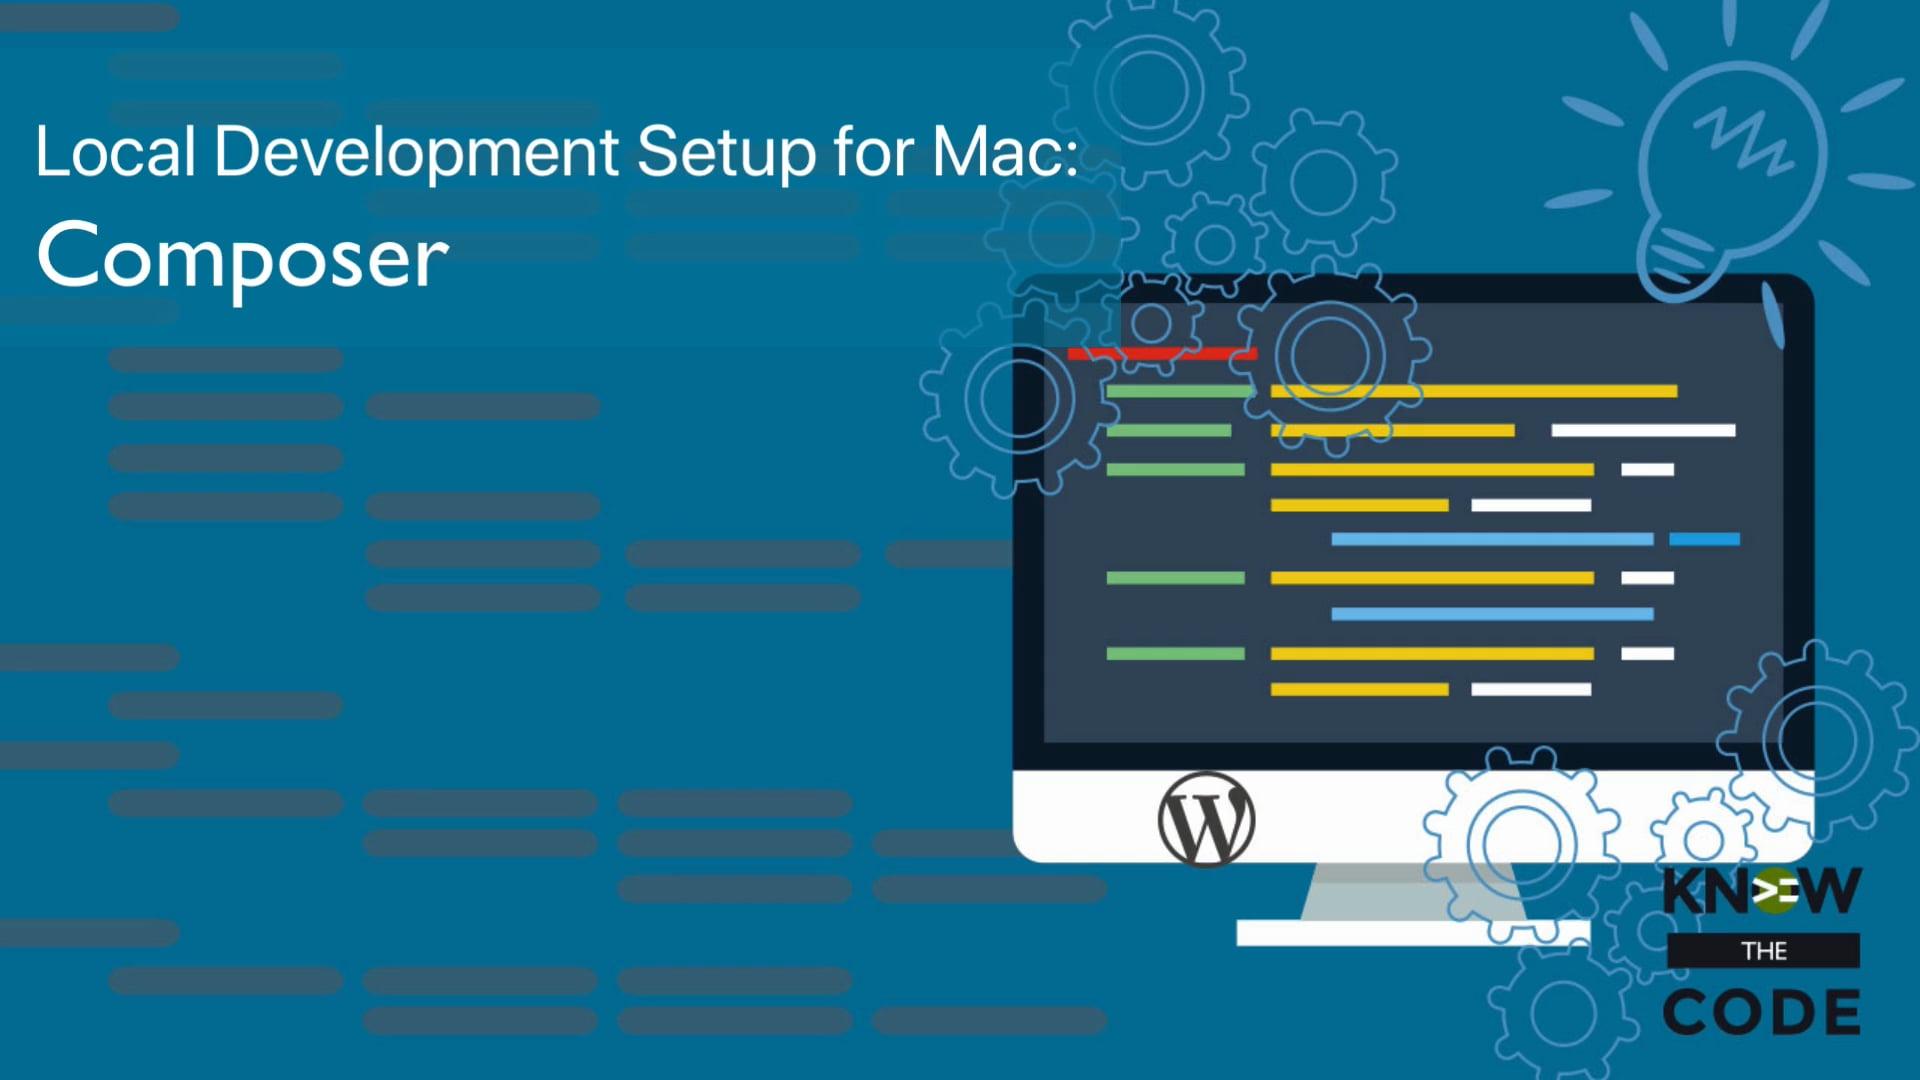 Composer – Local Development Setup for Mac